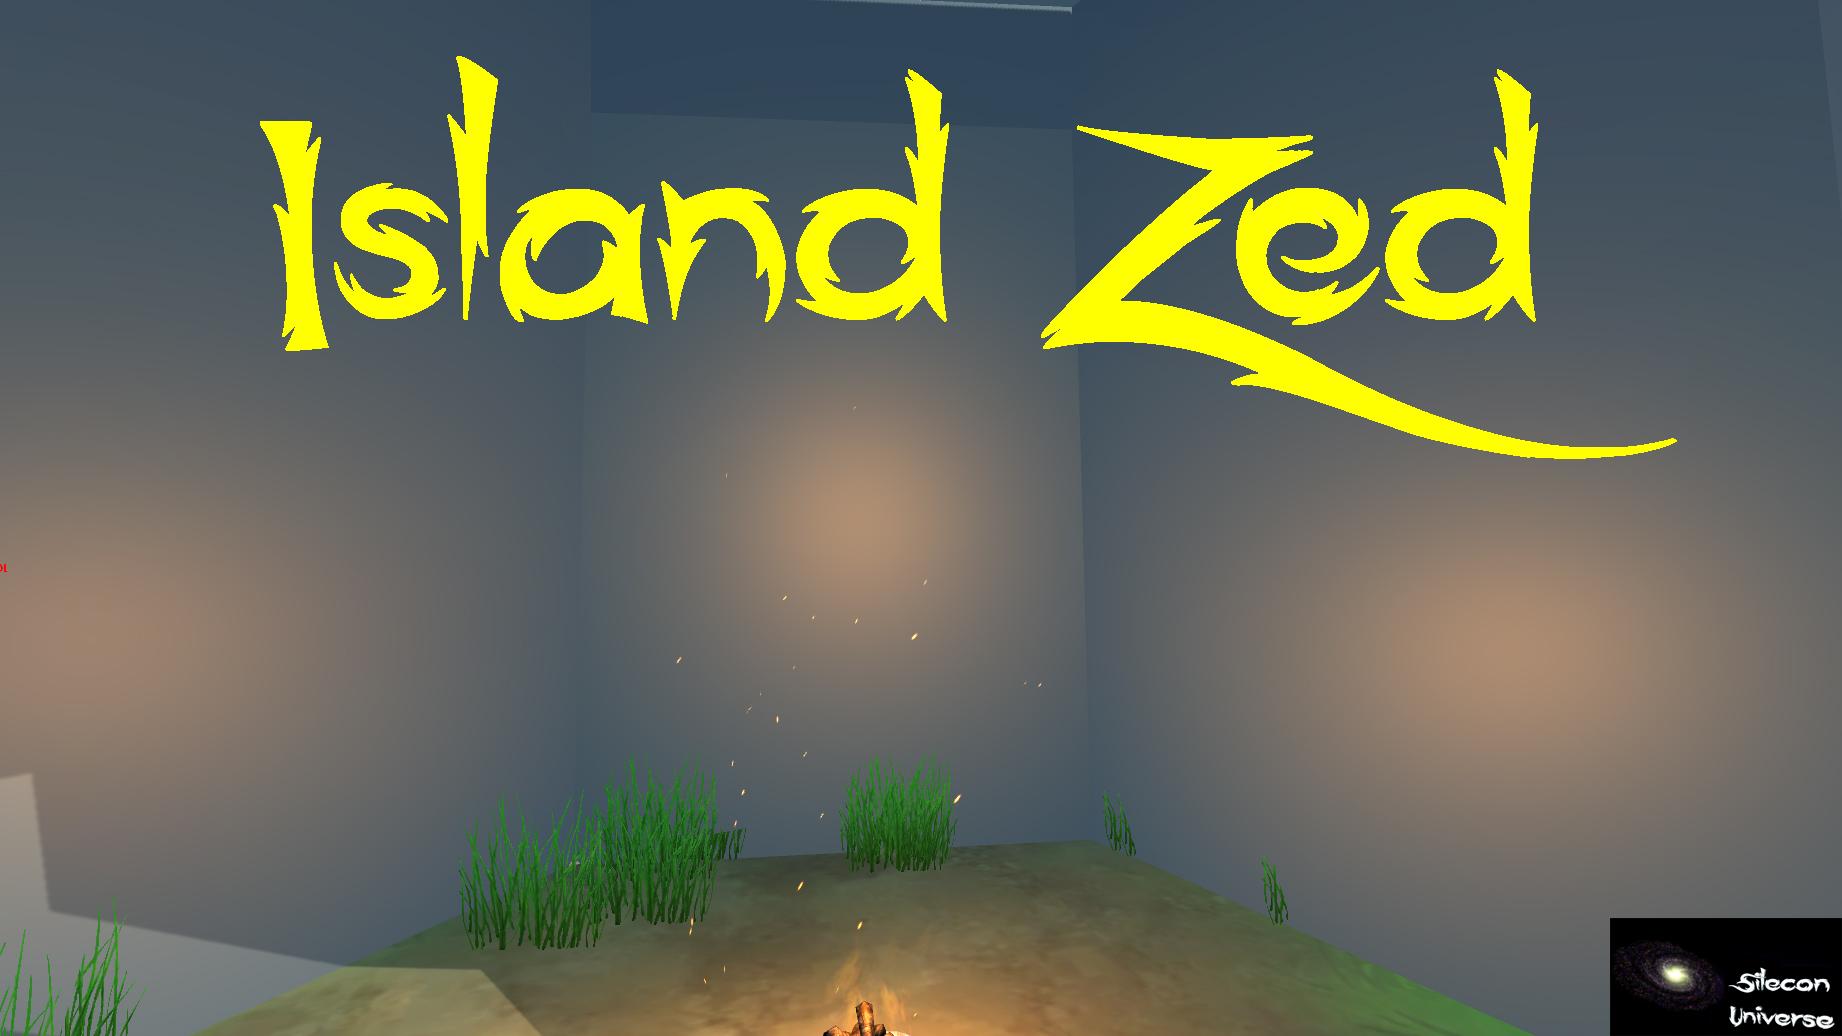 Island Zed